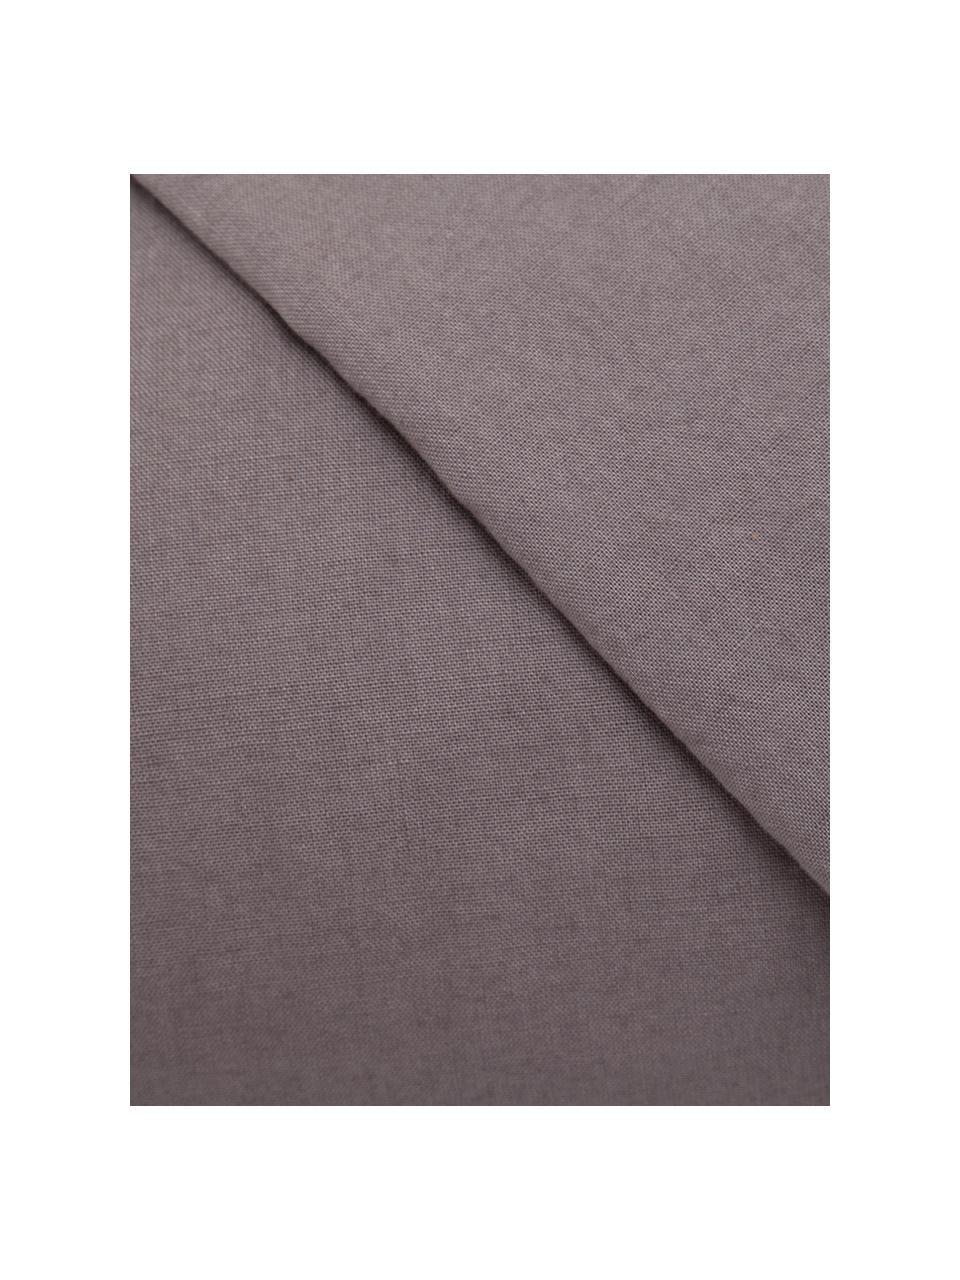 Parure copripiumino in cotone effetto stone washed Velle, Tessuto: cotone ranforce, Fronte e retro: taupe, 155 x 200 cm + 1 federa 50 x 80 cm